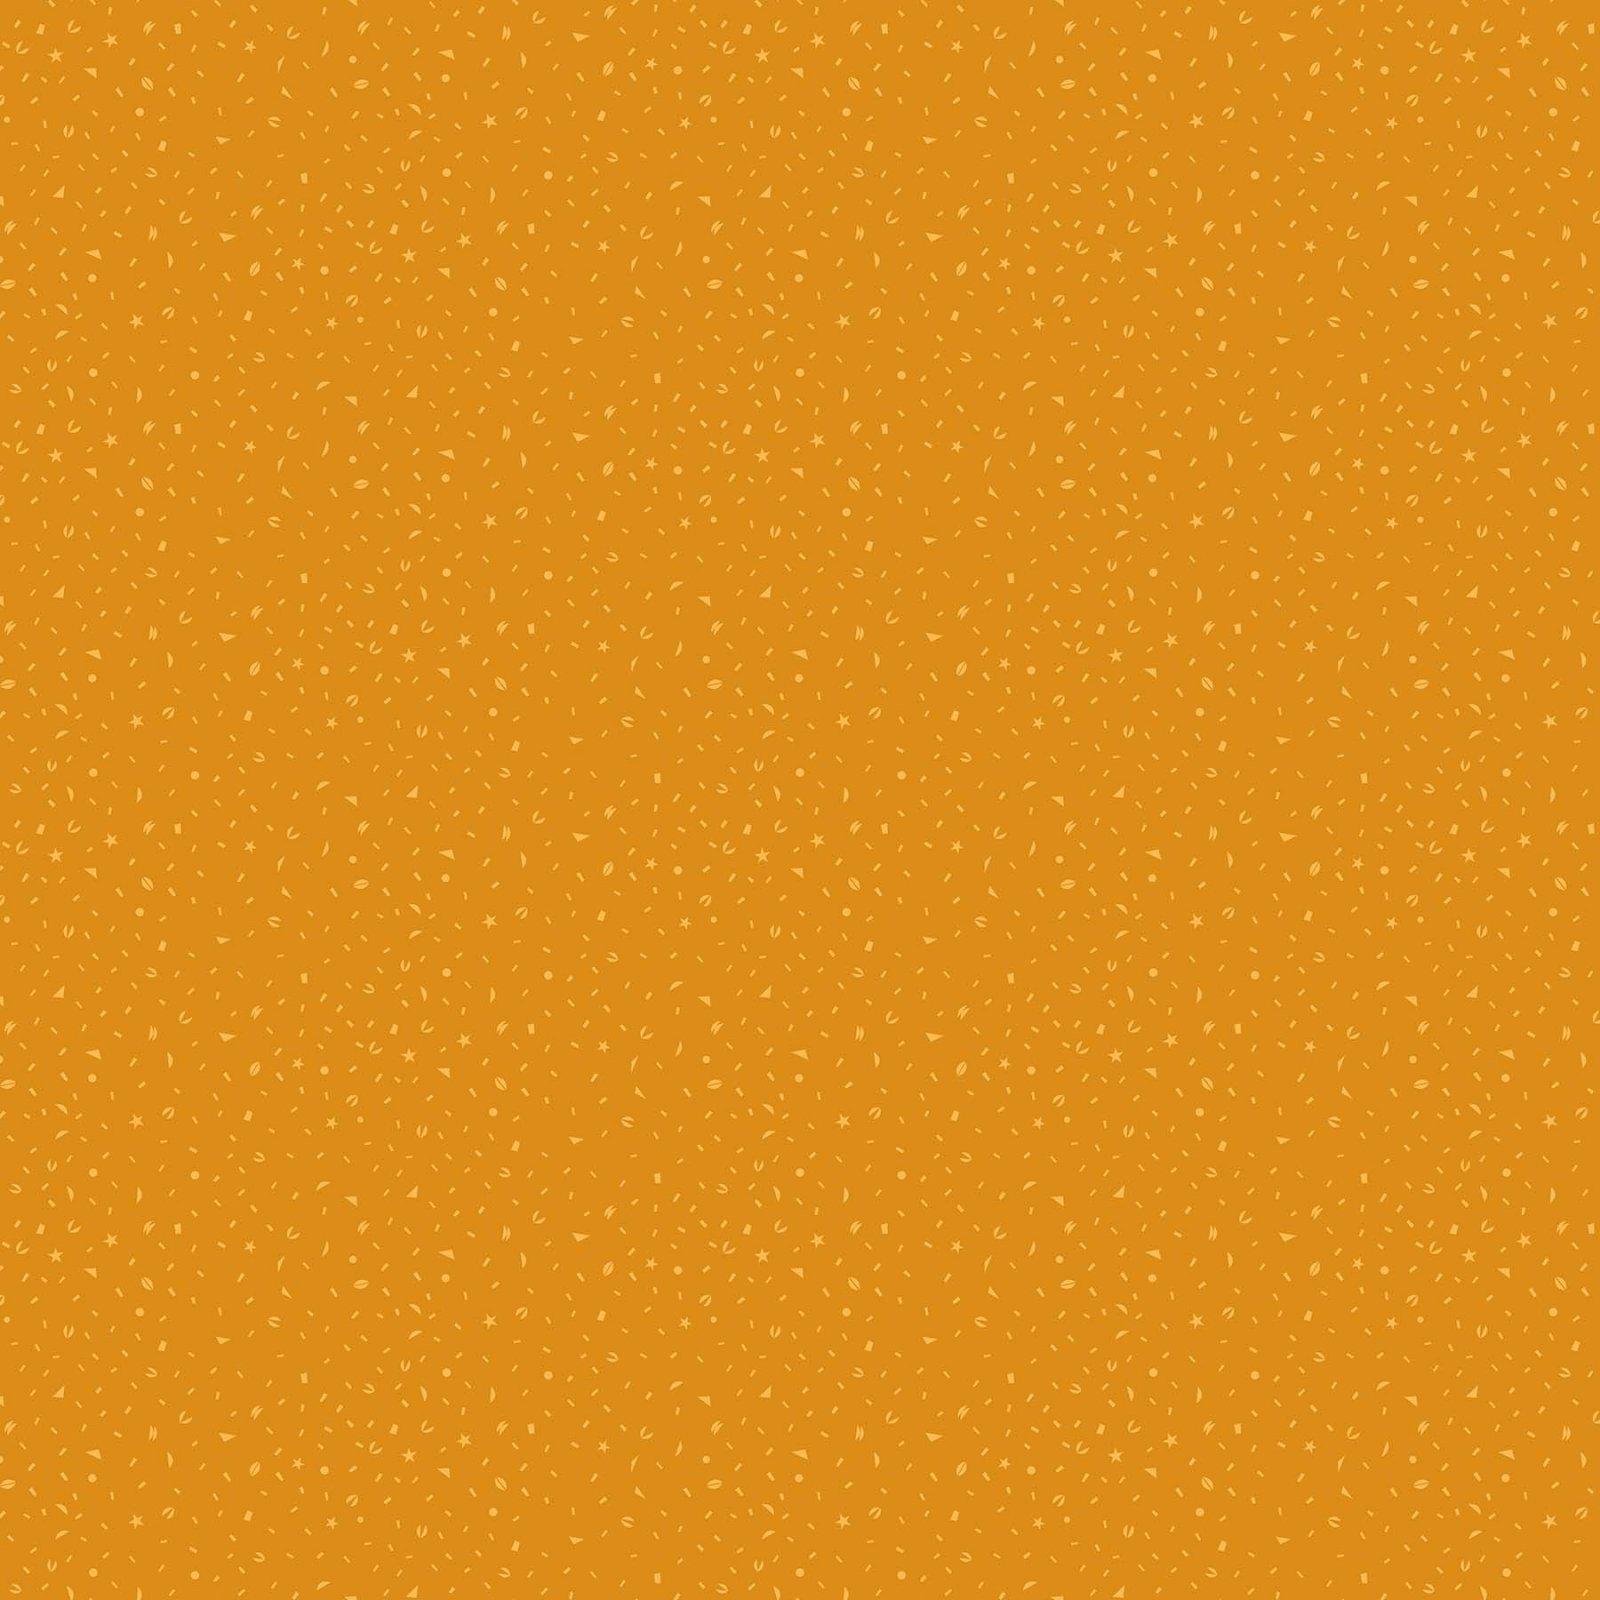 C90030-53/Ochre: Tropical Jammin' (Figo)